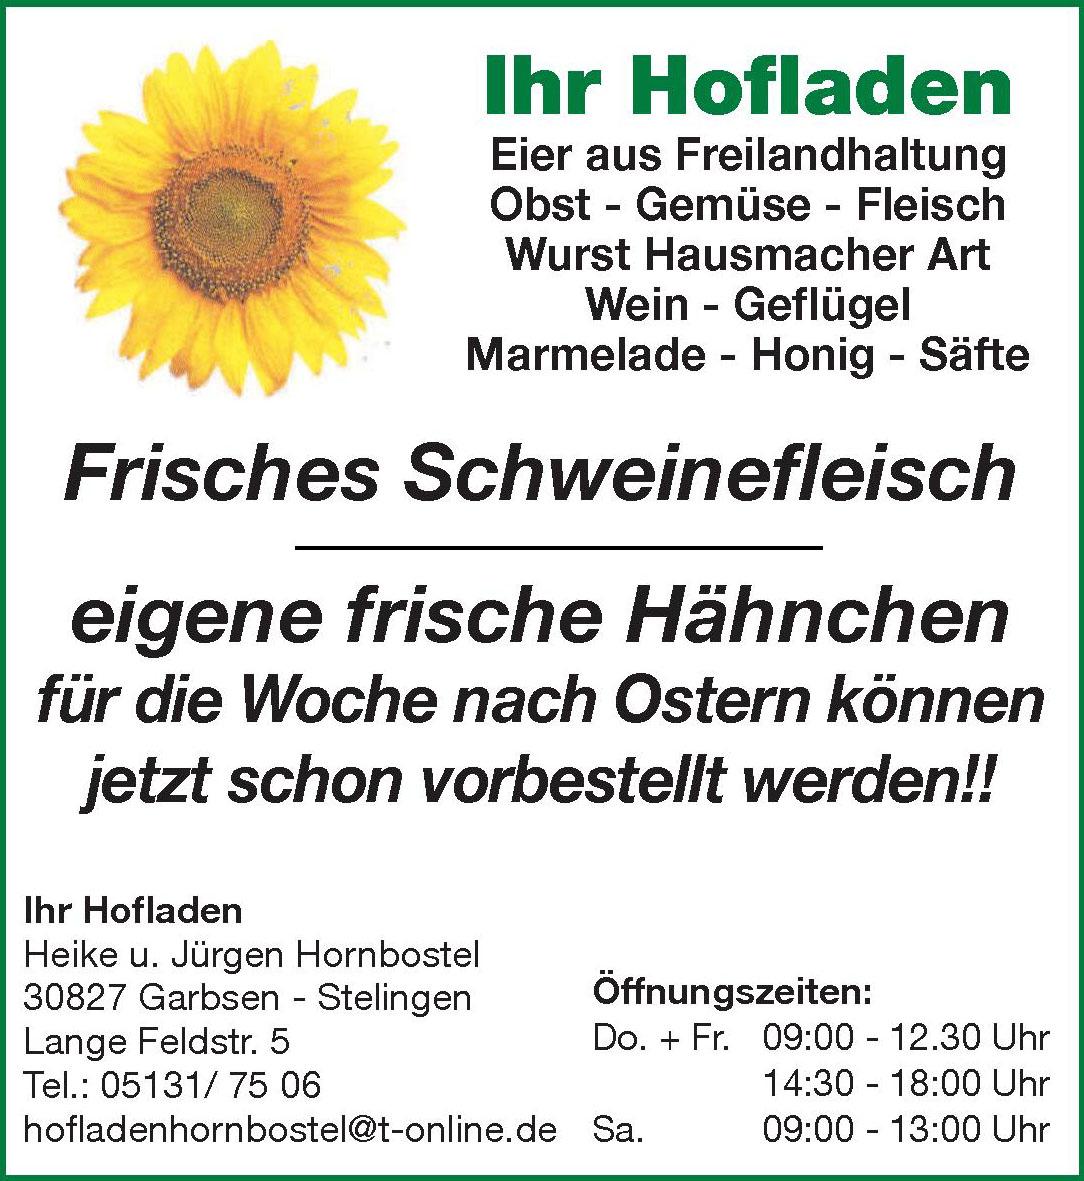 Ihr Hofladen Heike u. Jürgen Hornbostel